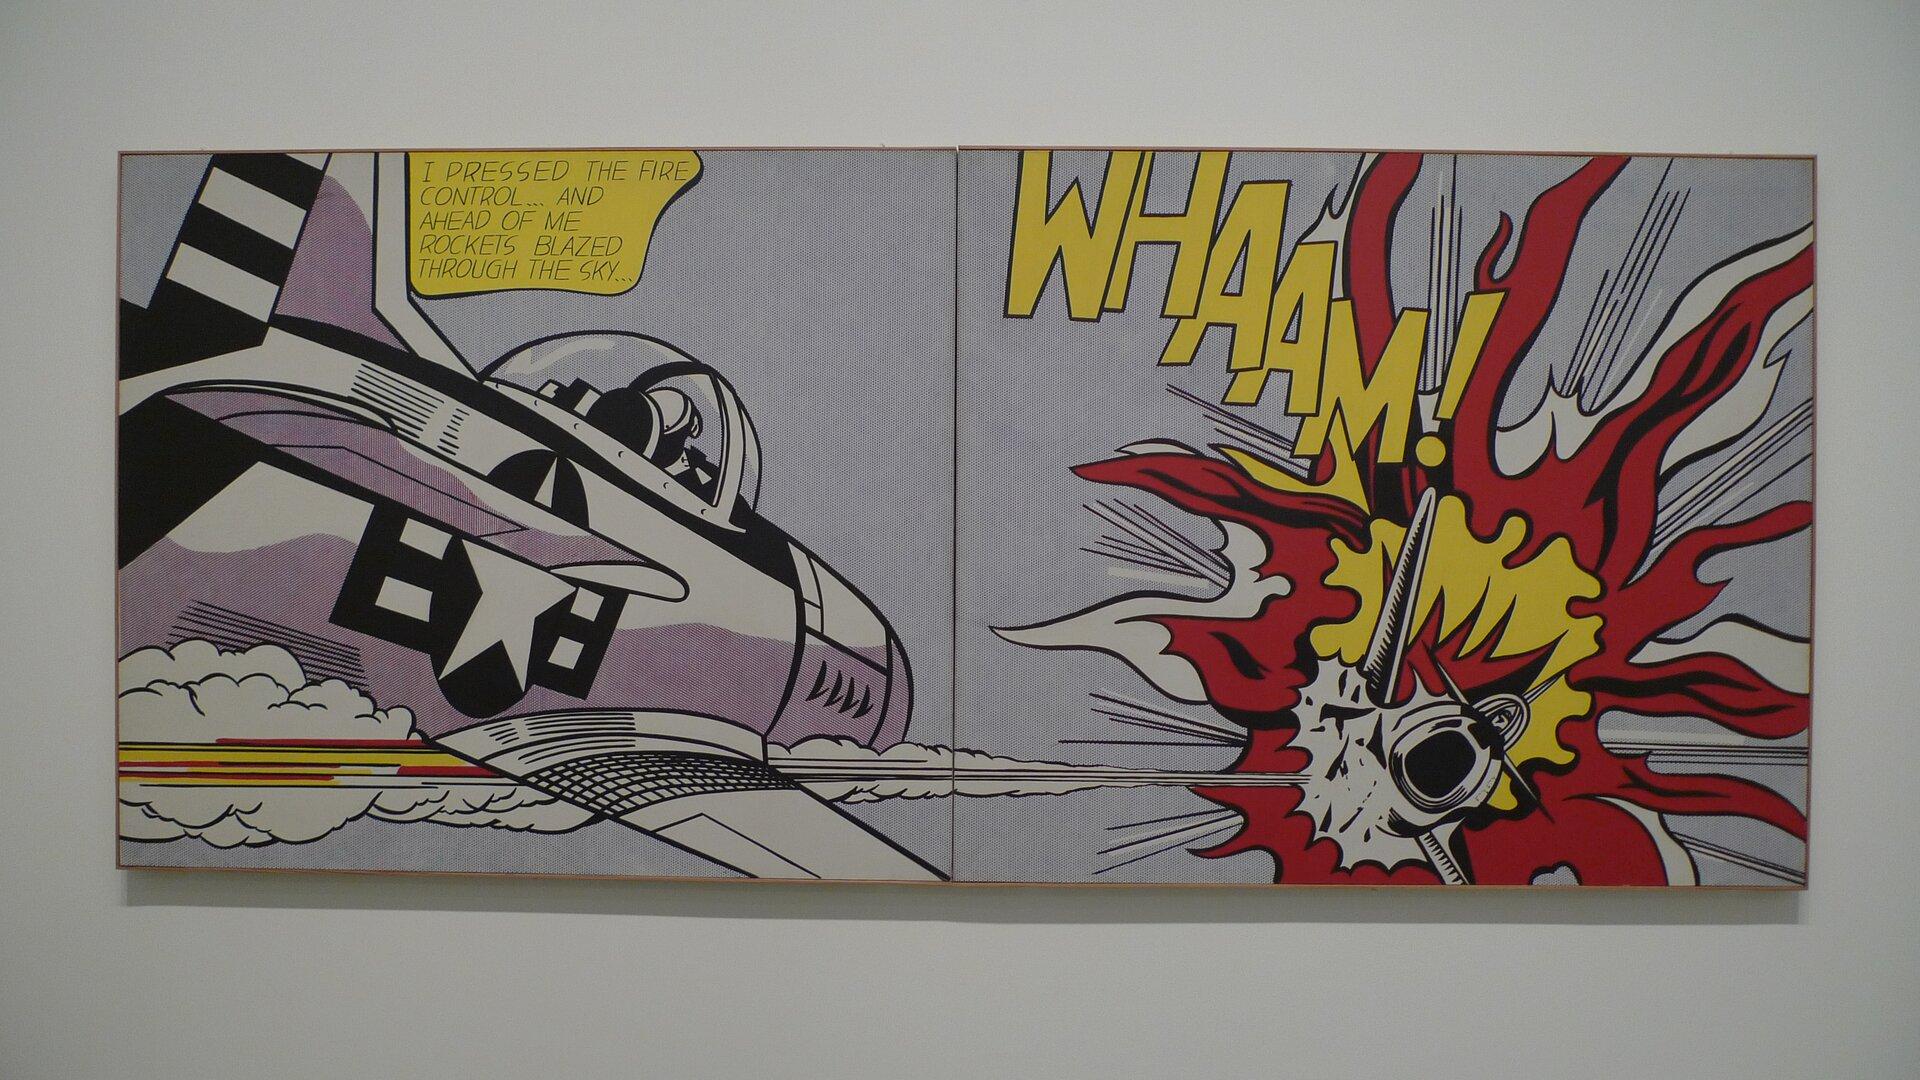 Ilustracja przedstawia obraz na ścianie, inspirowany komiksem. Widzimy na nim rakietę, która na kolejnym obrazku przyspiesza iwidać strumień ognia.